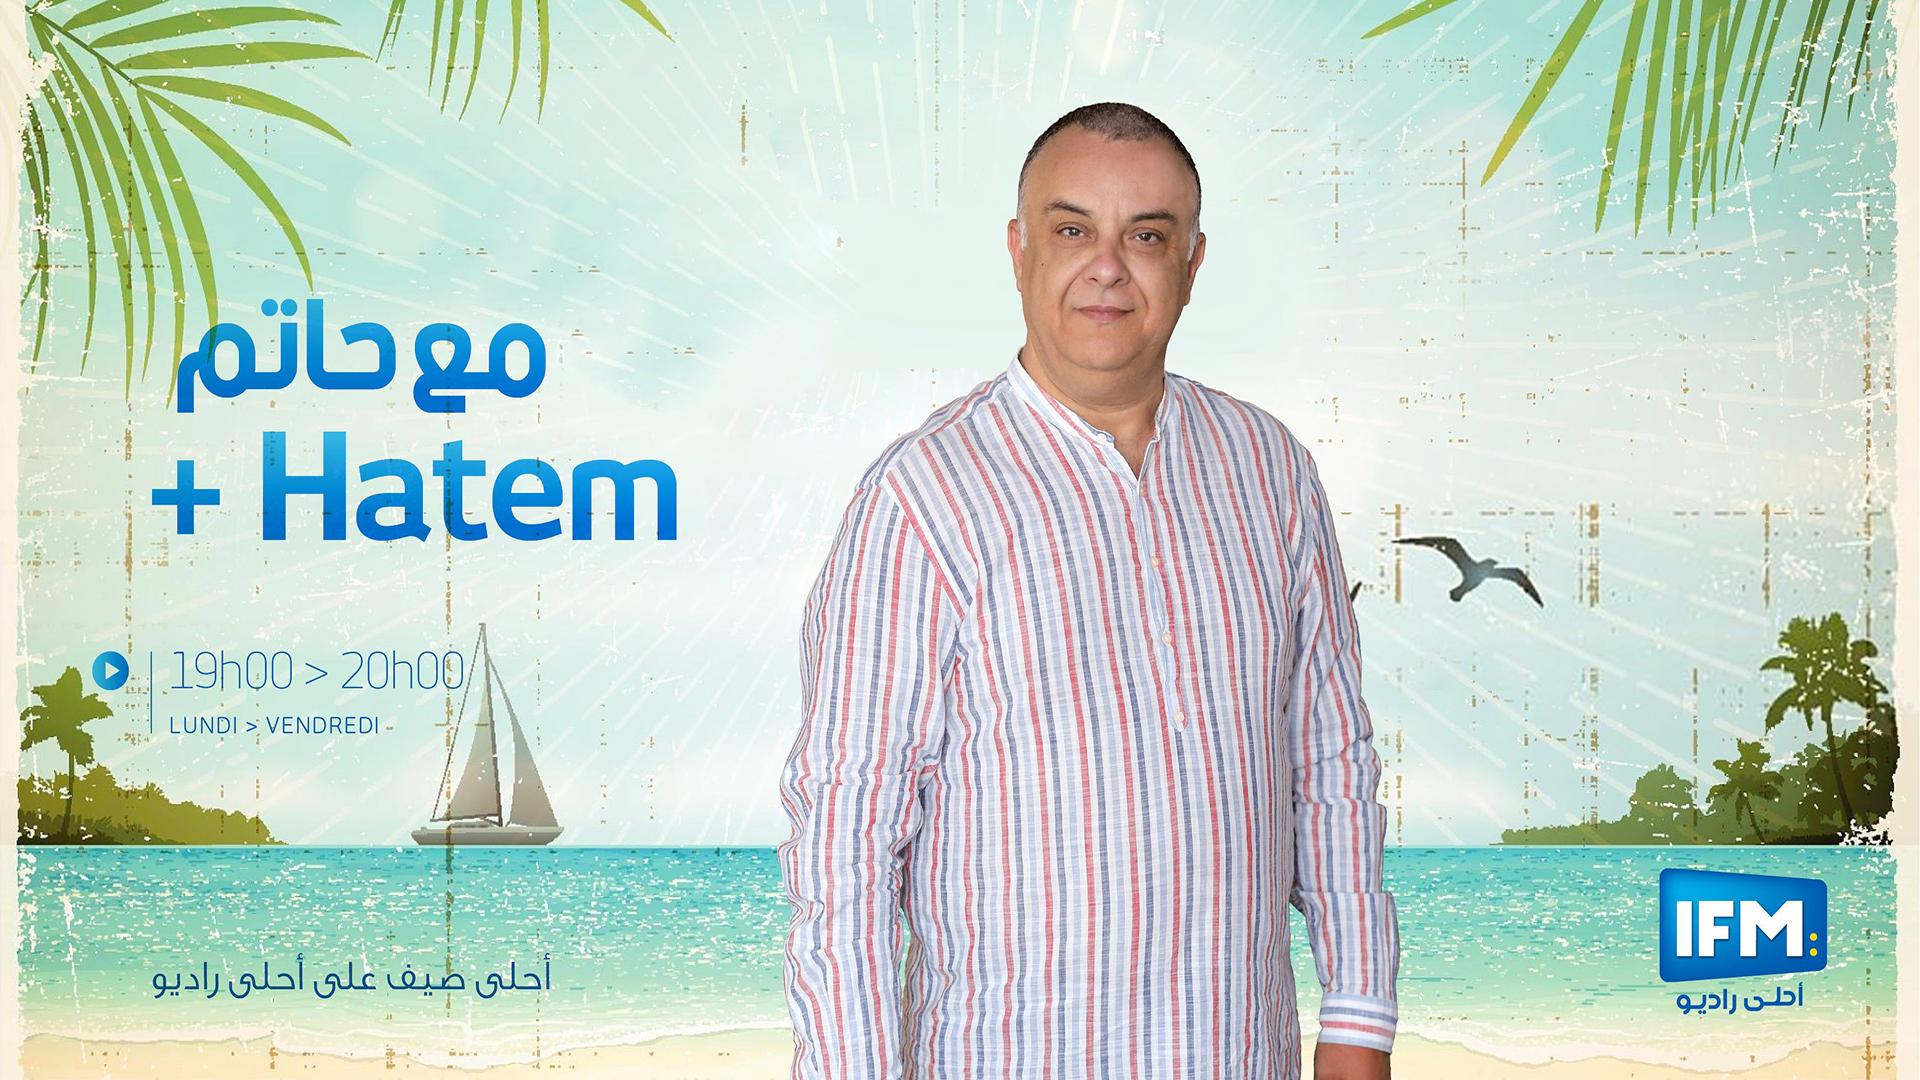 مع حاتم مع حاتم لنهار الجمعة 03 جويلية 2020